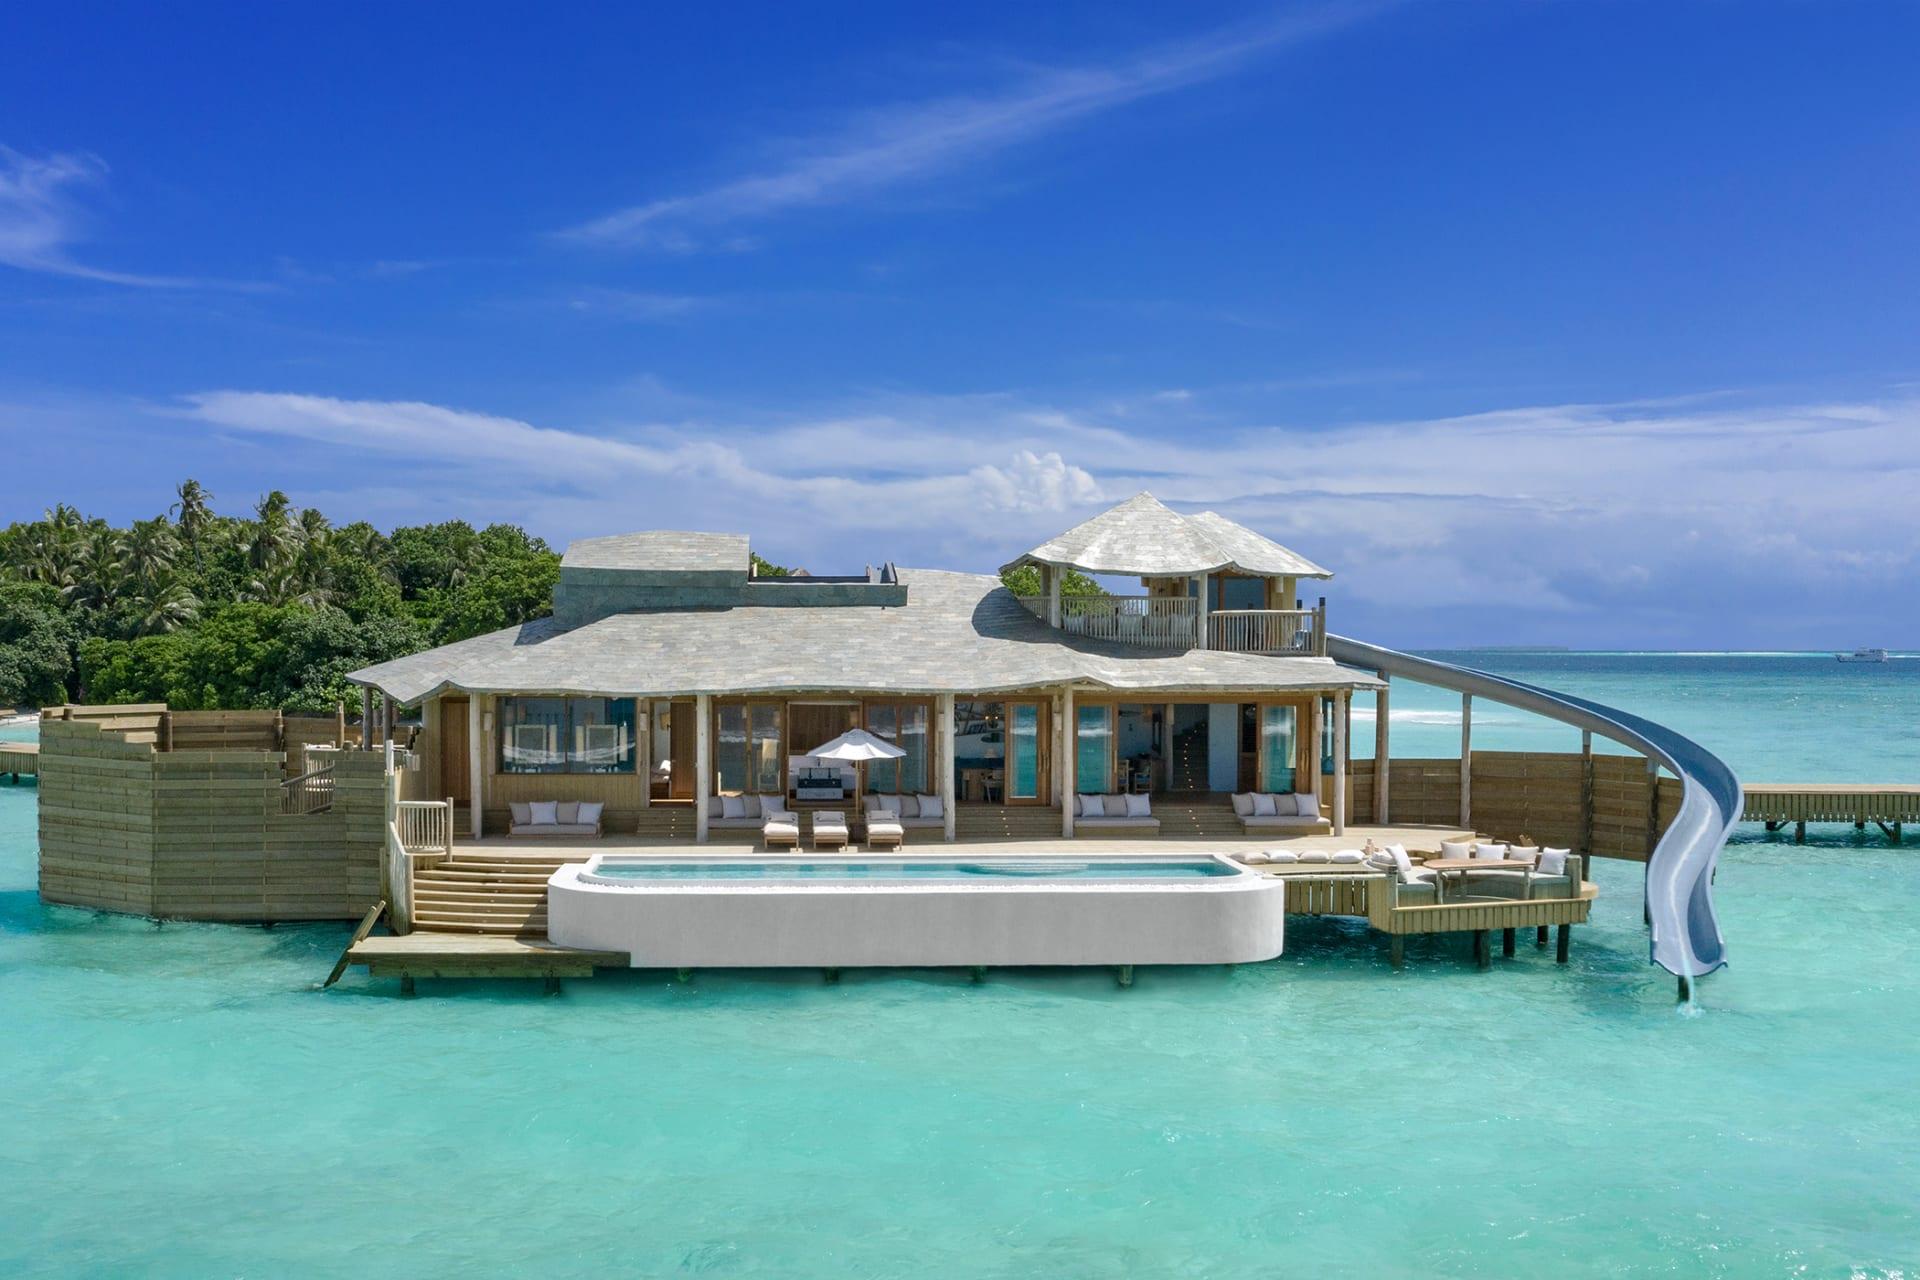 """في جزر المالديف.. يمكنك الآن المكوث في هذه الفلل فوق الماء التي تُعد """"الأكبر في العالم"""""""